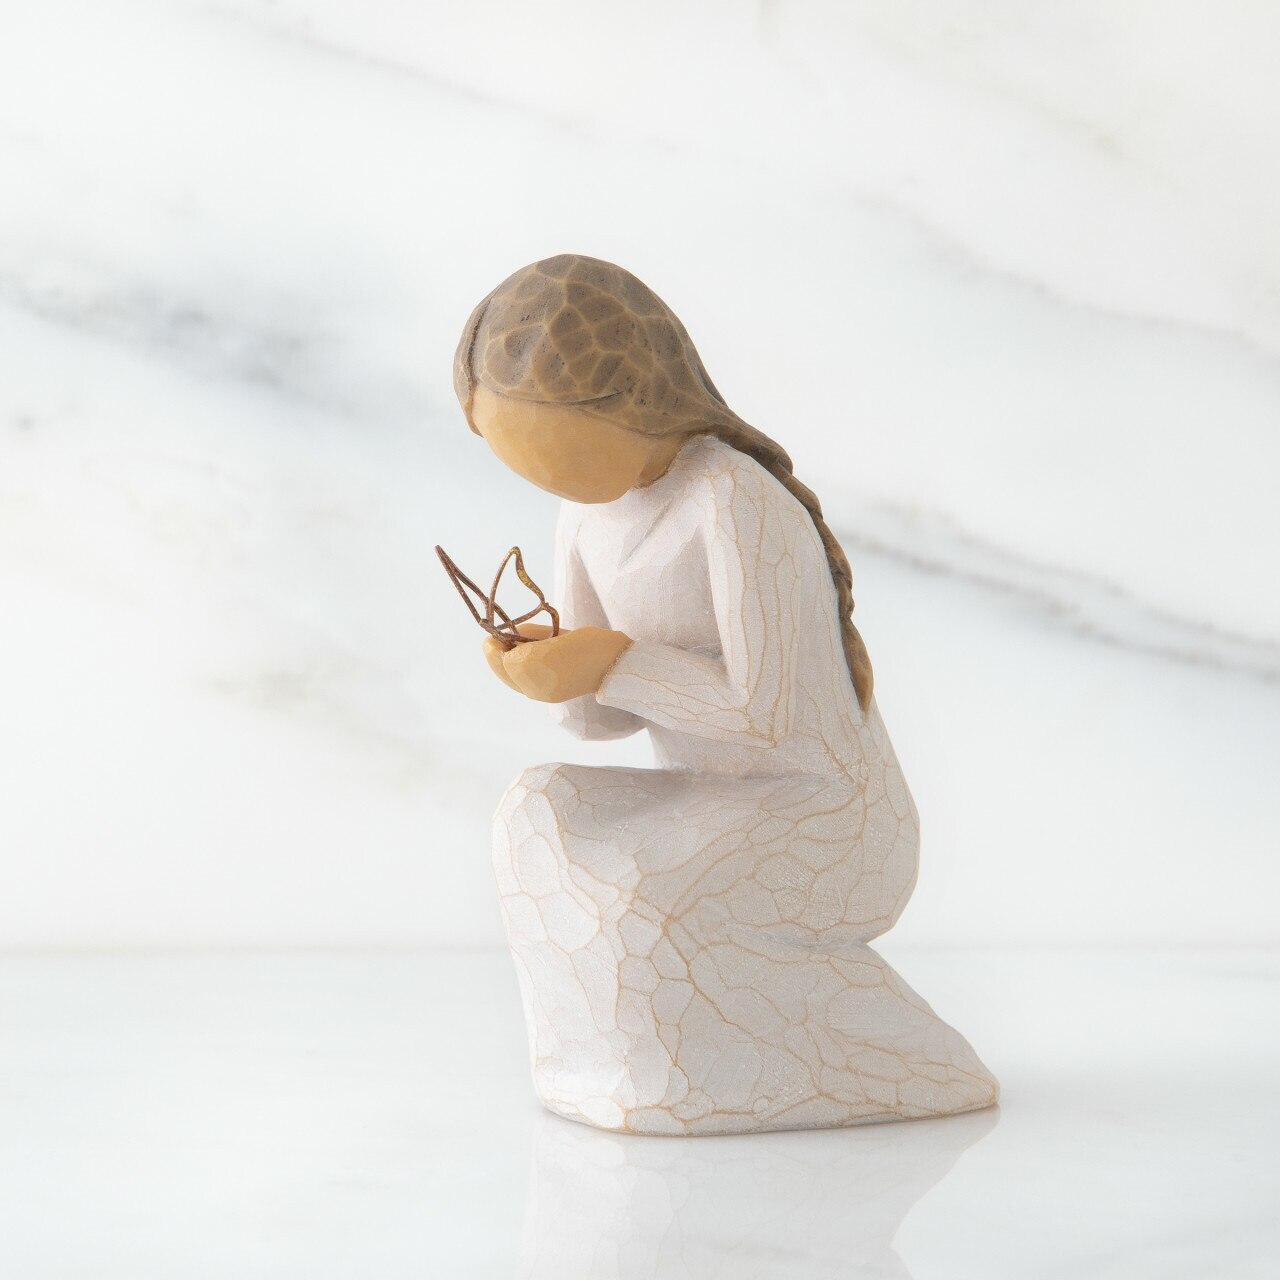 ウィローツリー彫像 【Quiet Wonder】 - 内なる感動